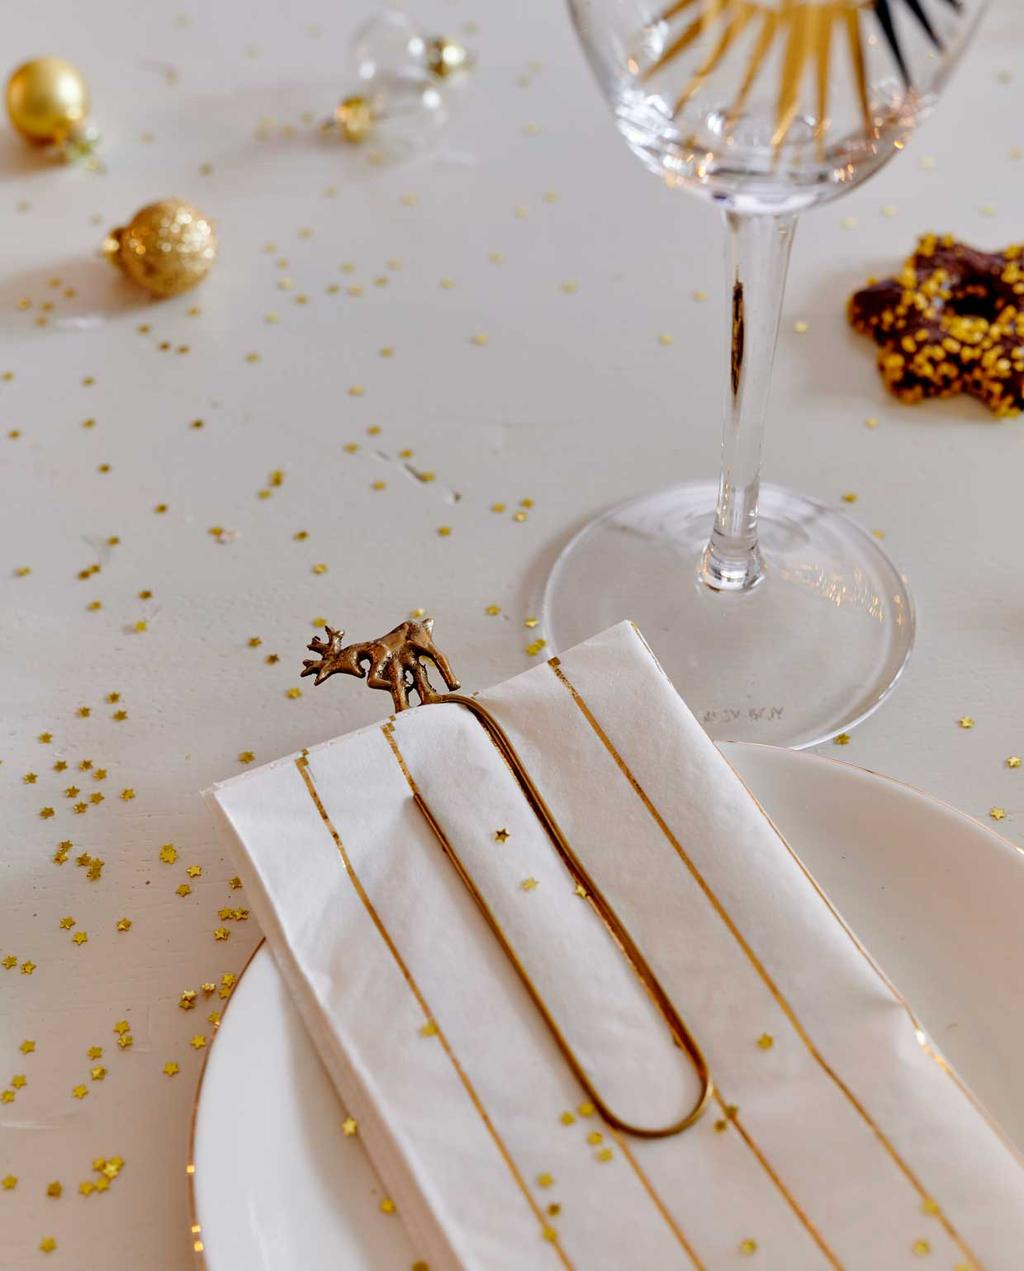 vtwonen 12-2020 | binnenkijken 100 jaar oud herenhuis haarlem | gedekte tafel wit met goud